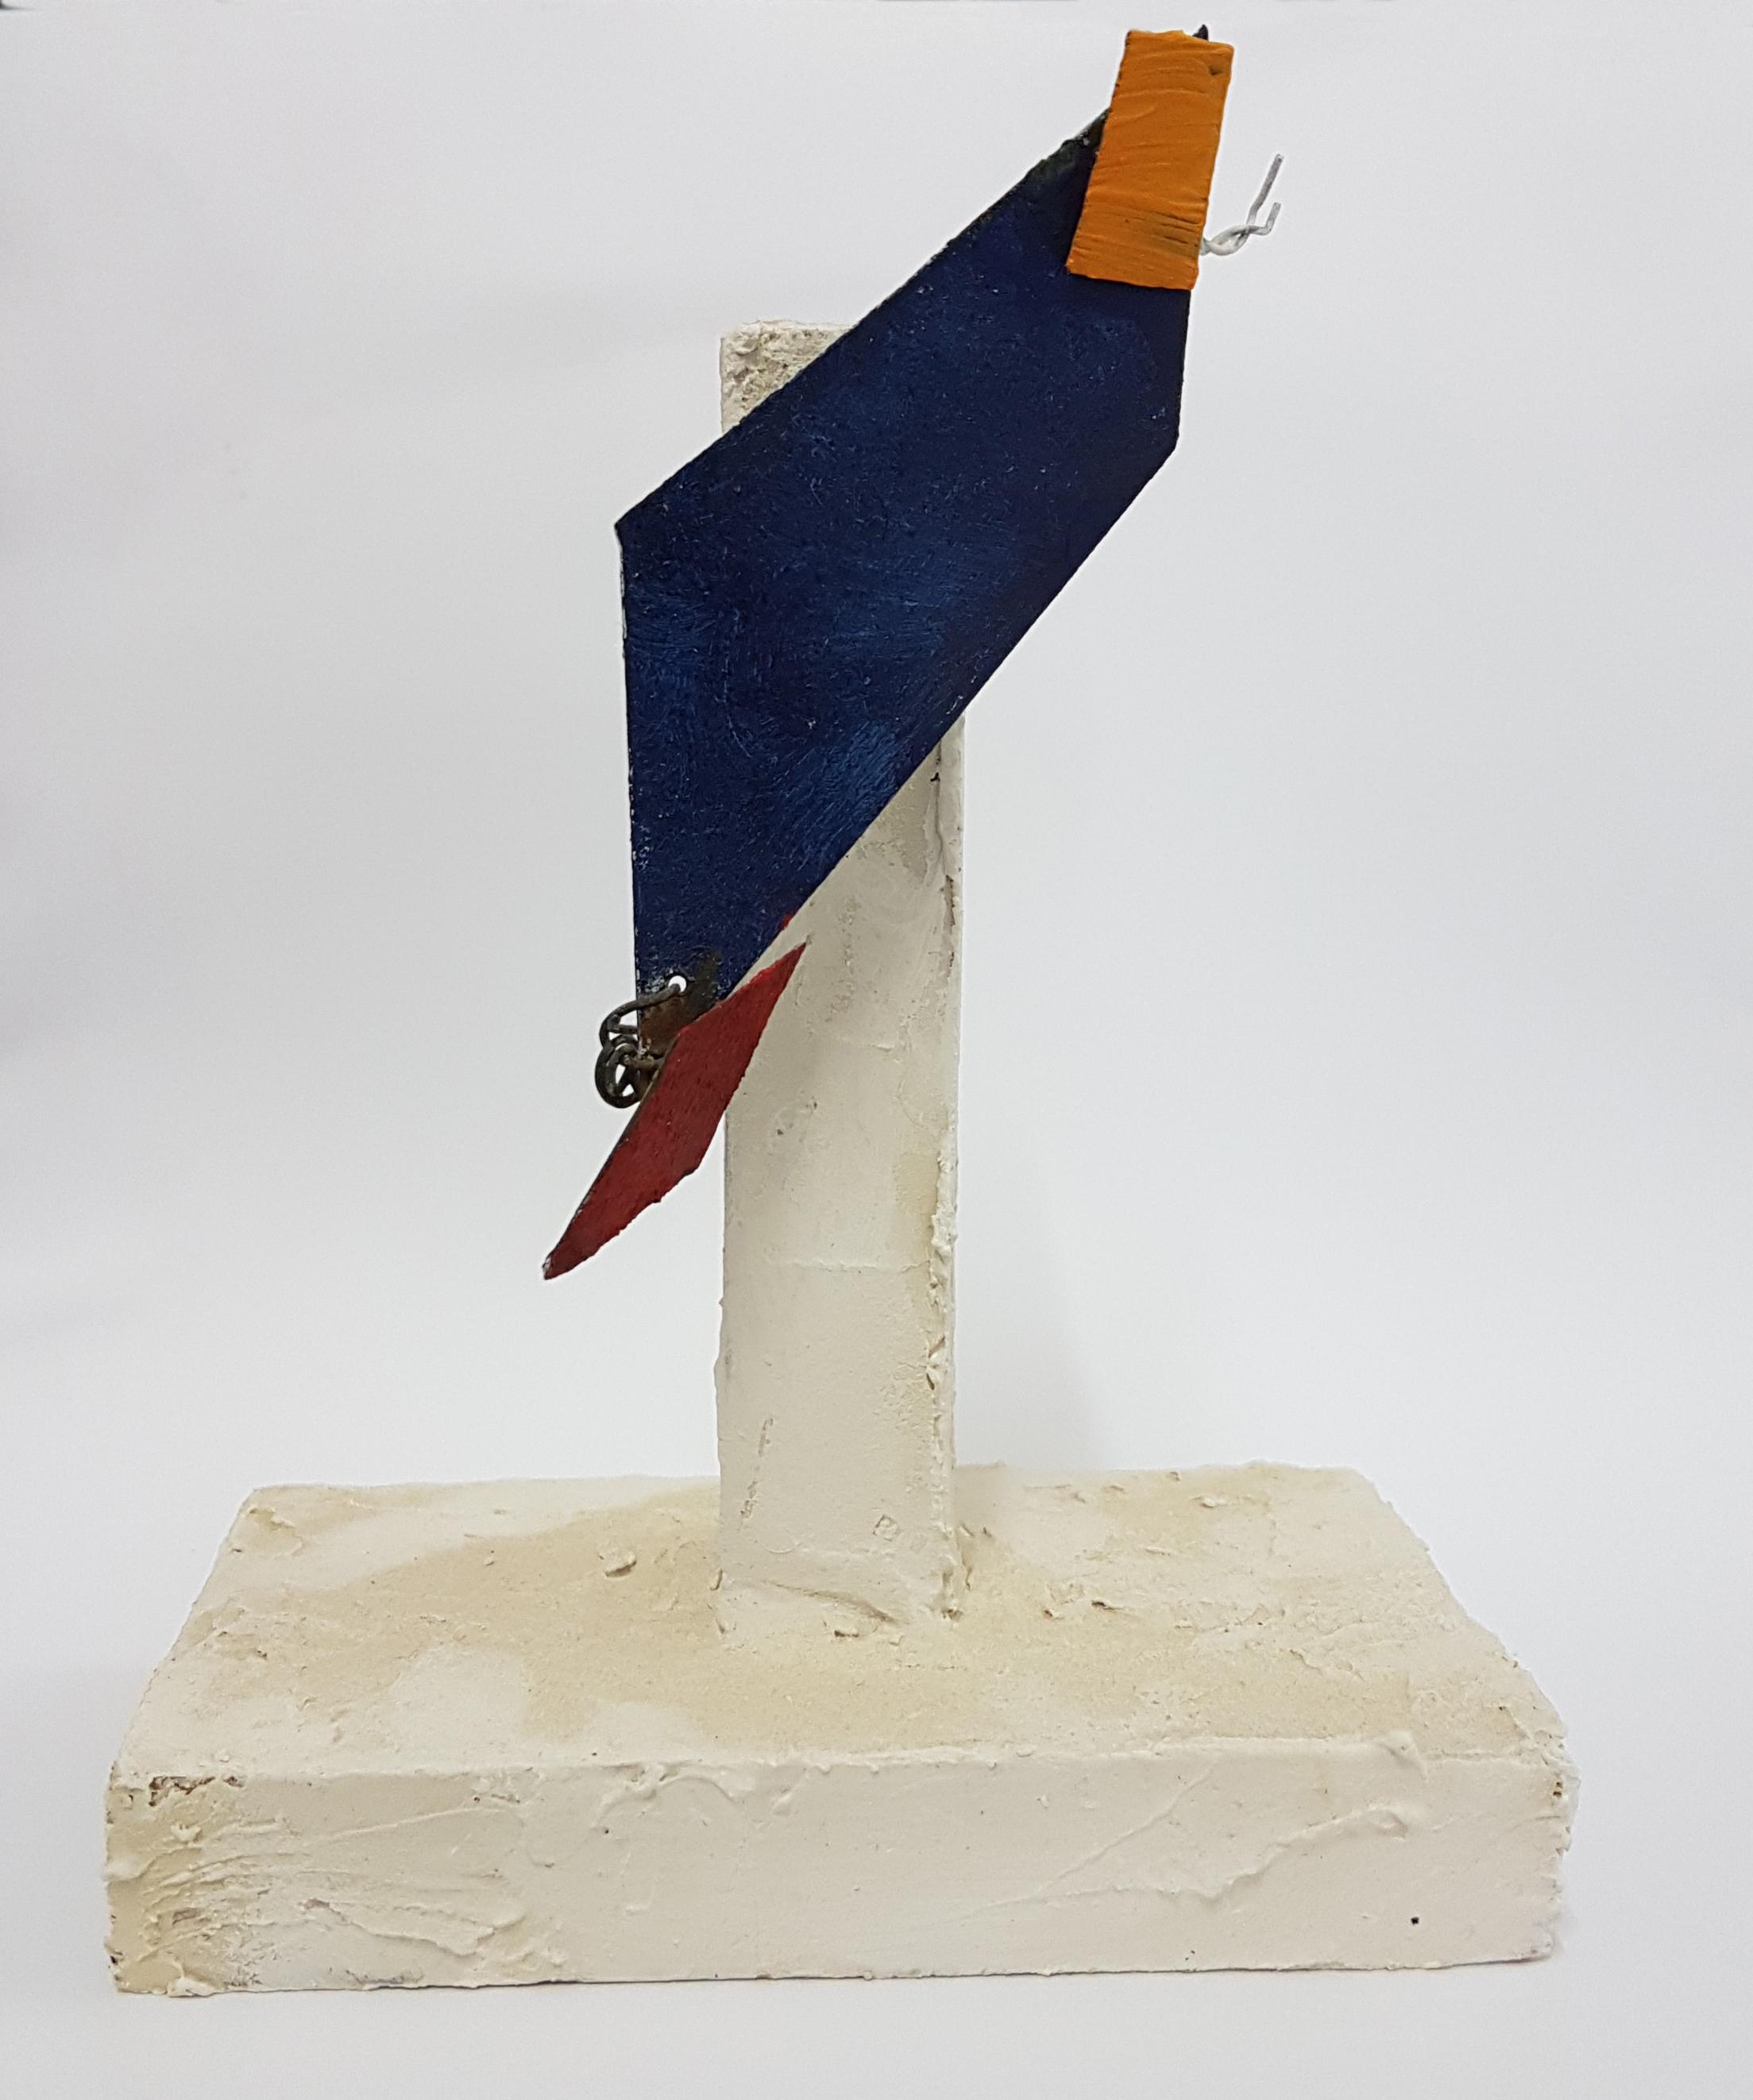 Arthur Luiz Piza, T - 807, Zinco pintao em acrílica e madeira pintada, 16,5x12,5x6,5 cm